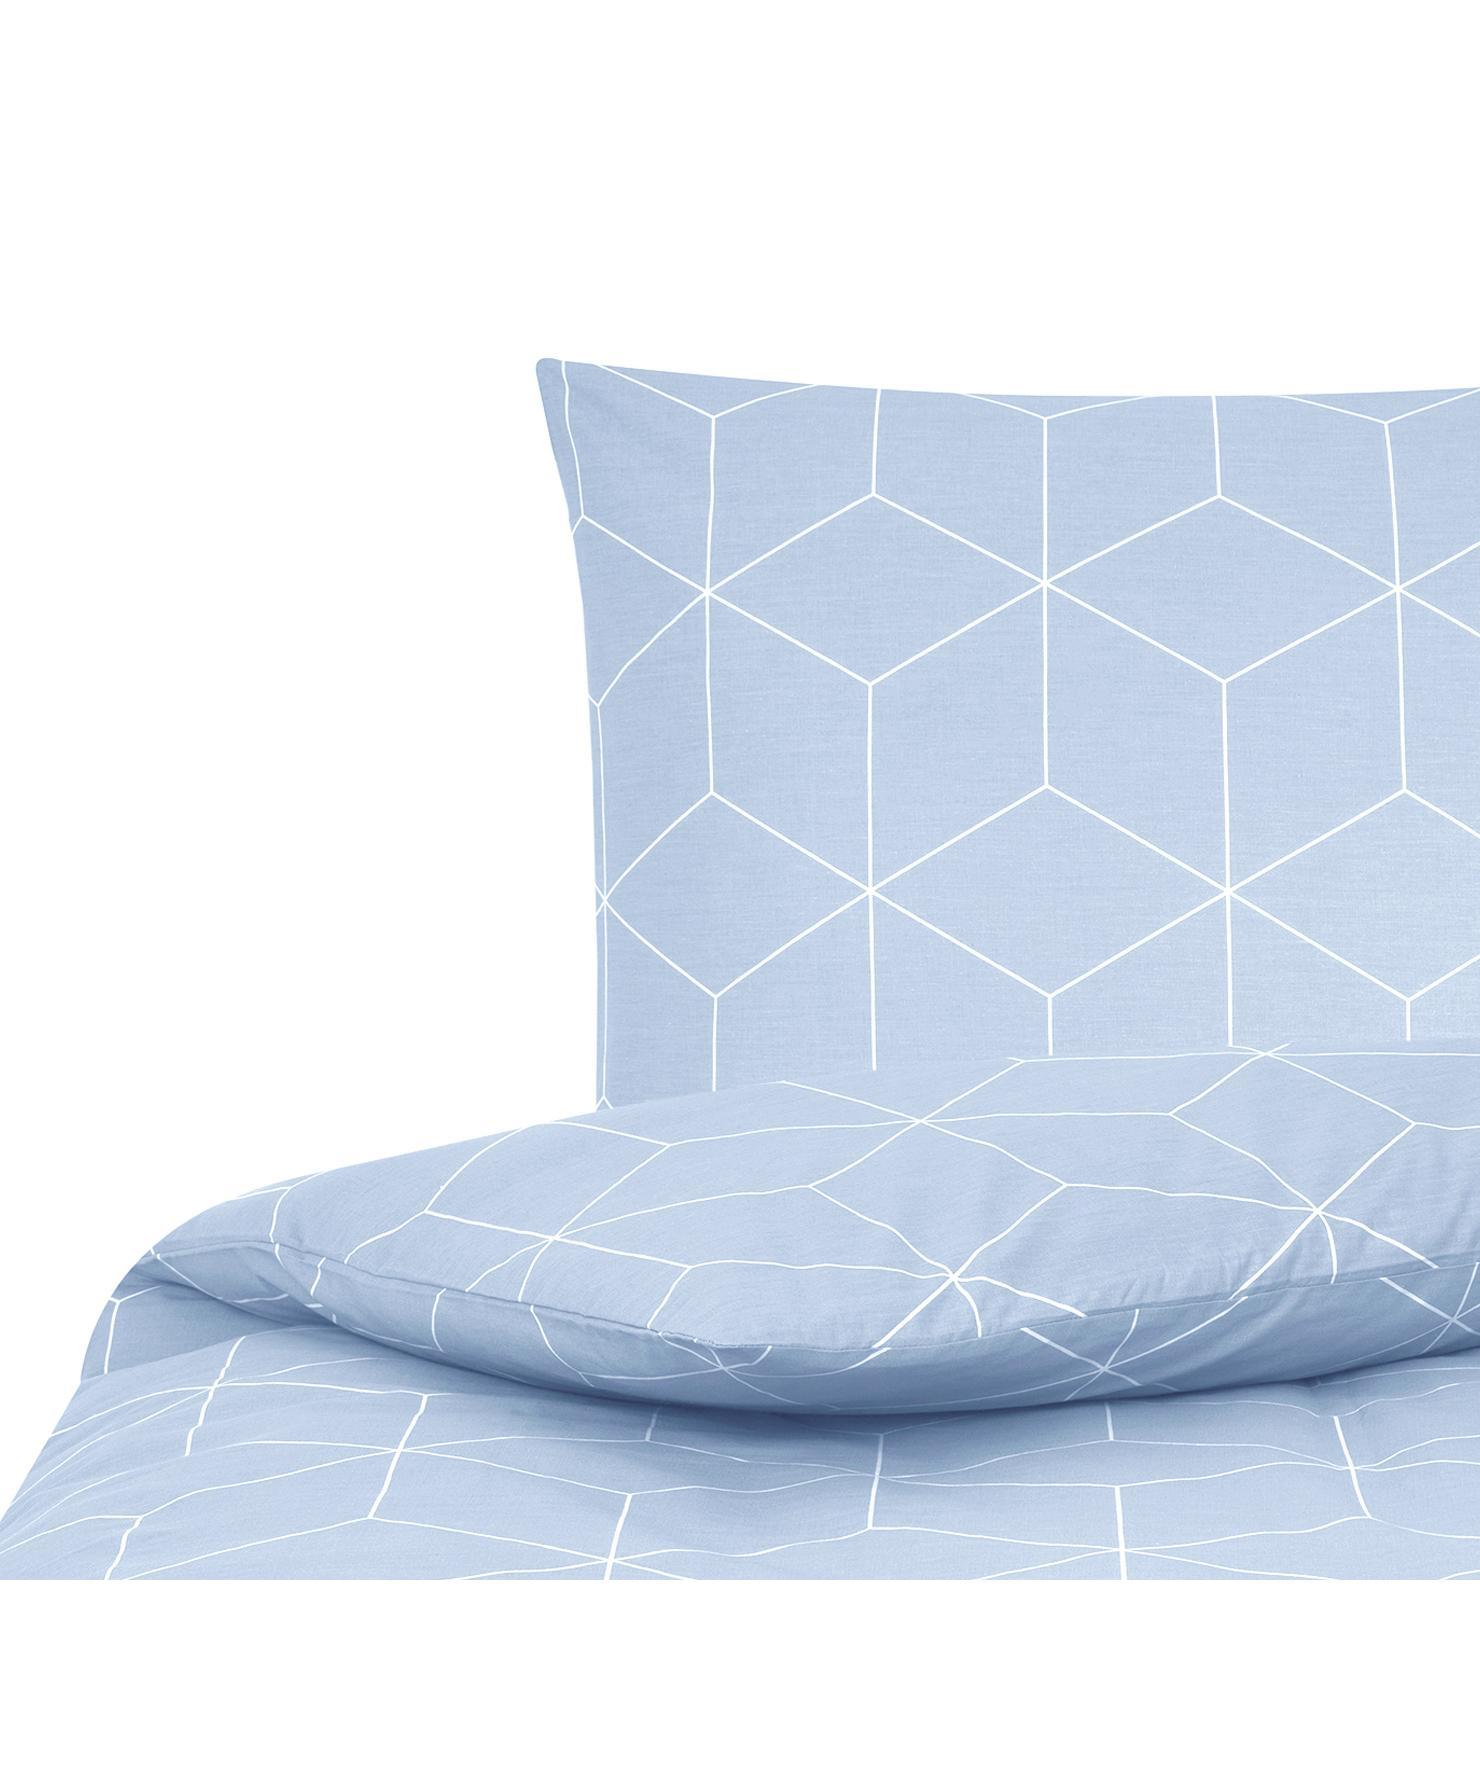 Pościel z bawełny renforcé Lynn, Jasny niebieski, kremowy, 135 x 200 cm